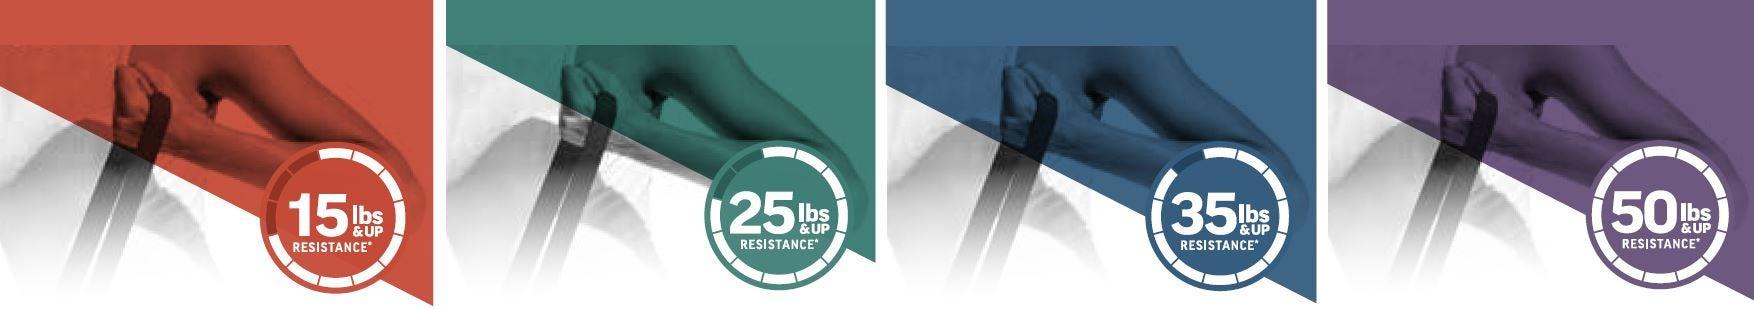 resistances